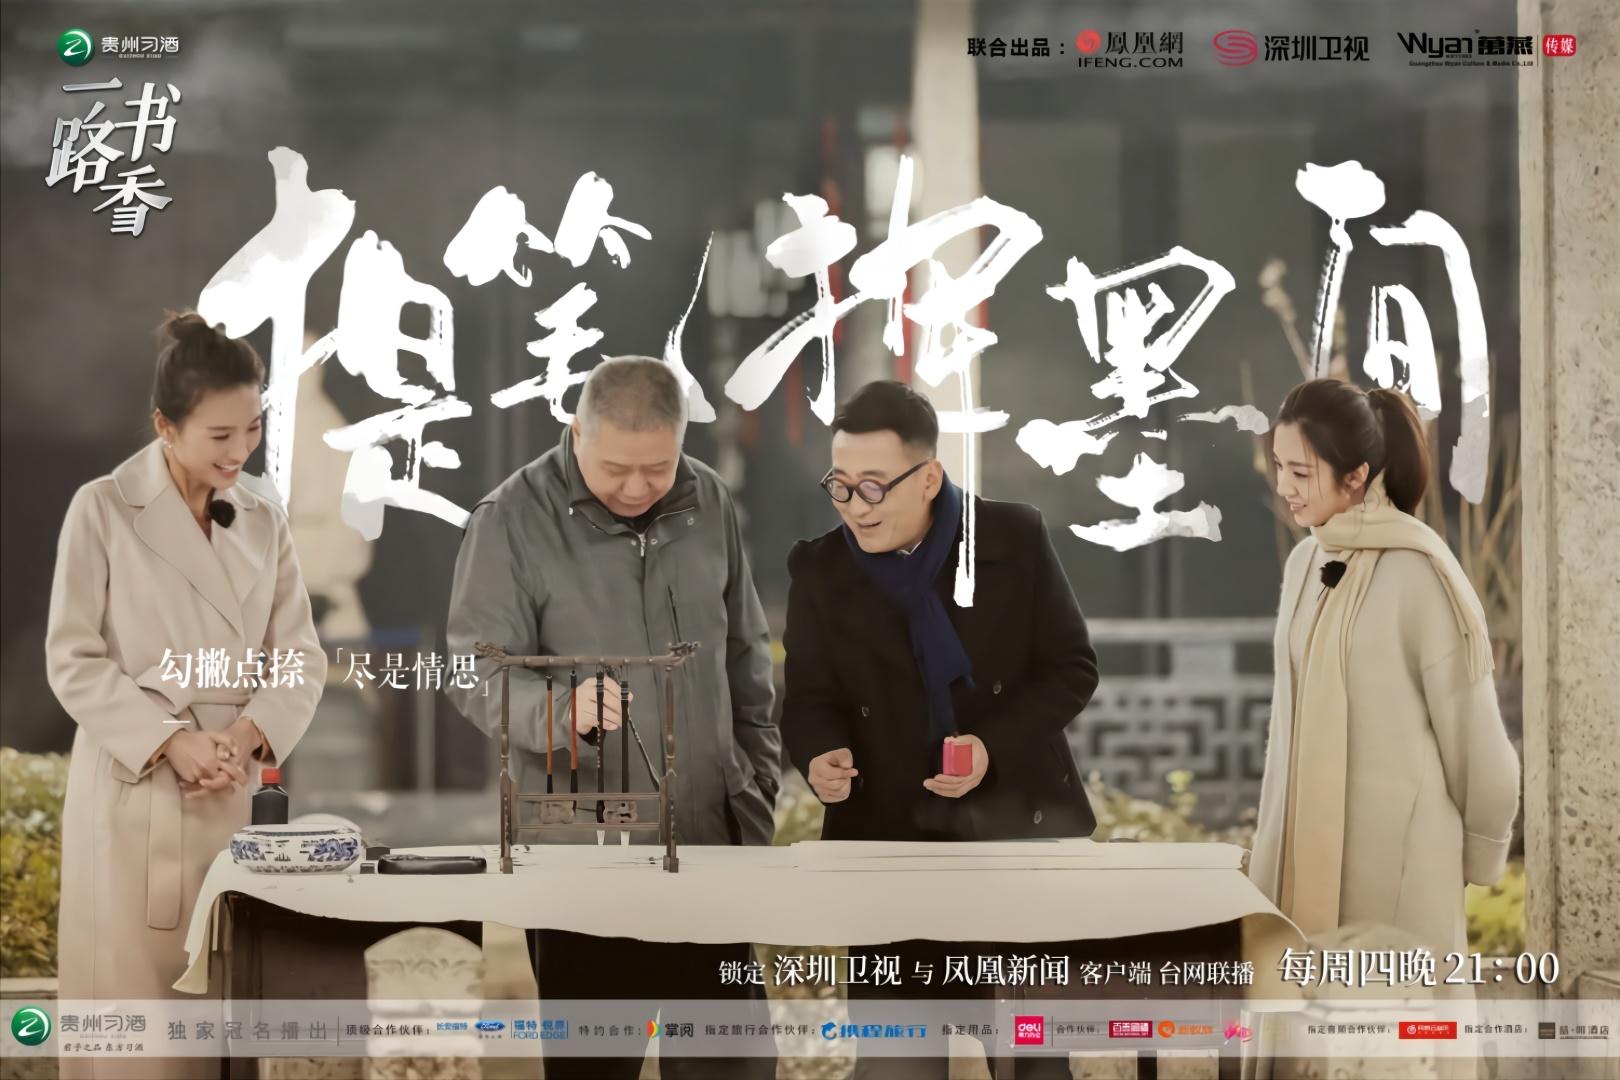 《一路书香》第七集:文涛马未都兰亭斗诗,王晓晨首谈演艺路